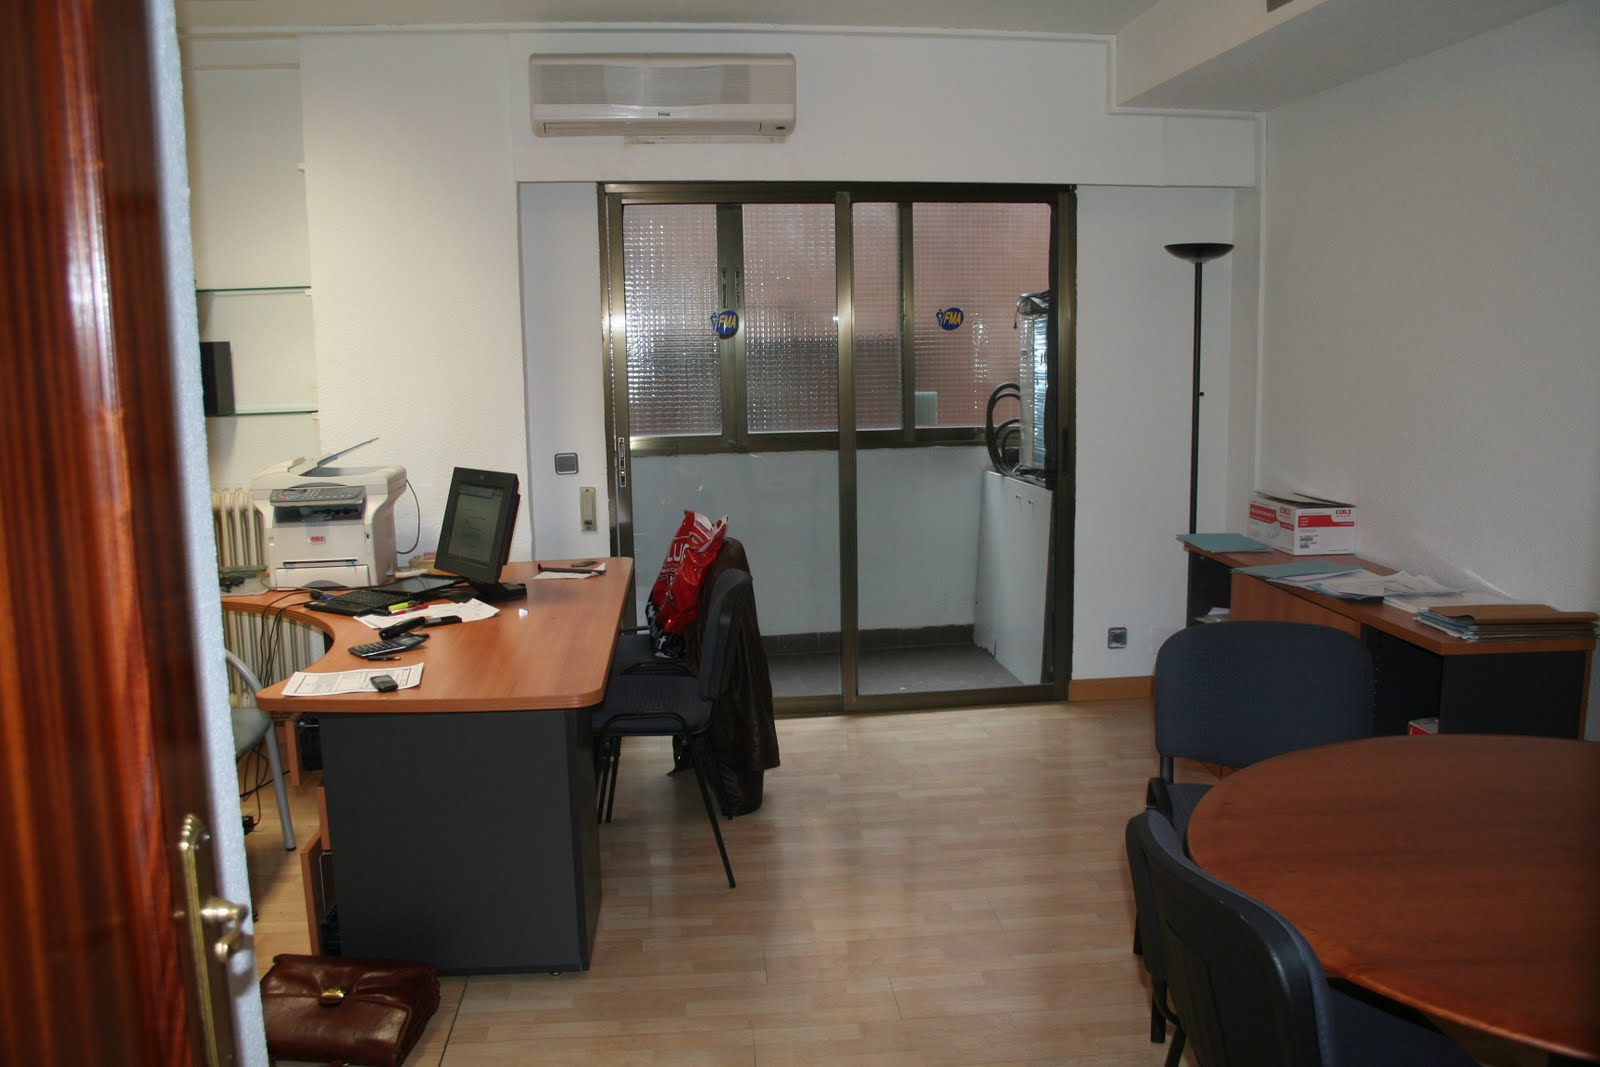 Oficinas madrid oficina reformada en alquiler en for Muebles oficina madrid